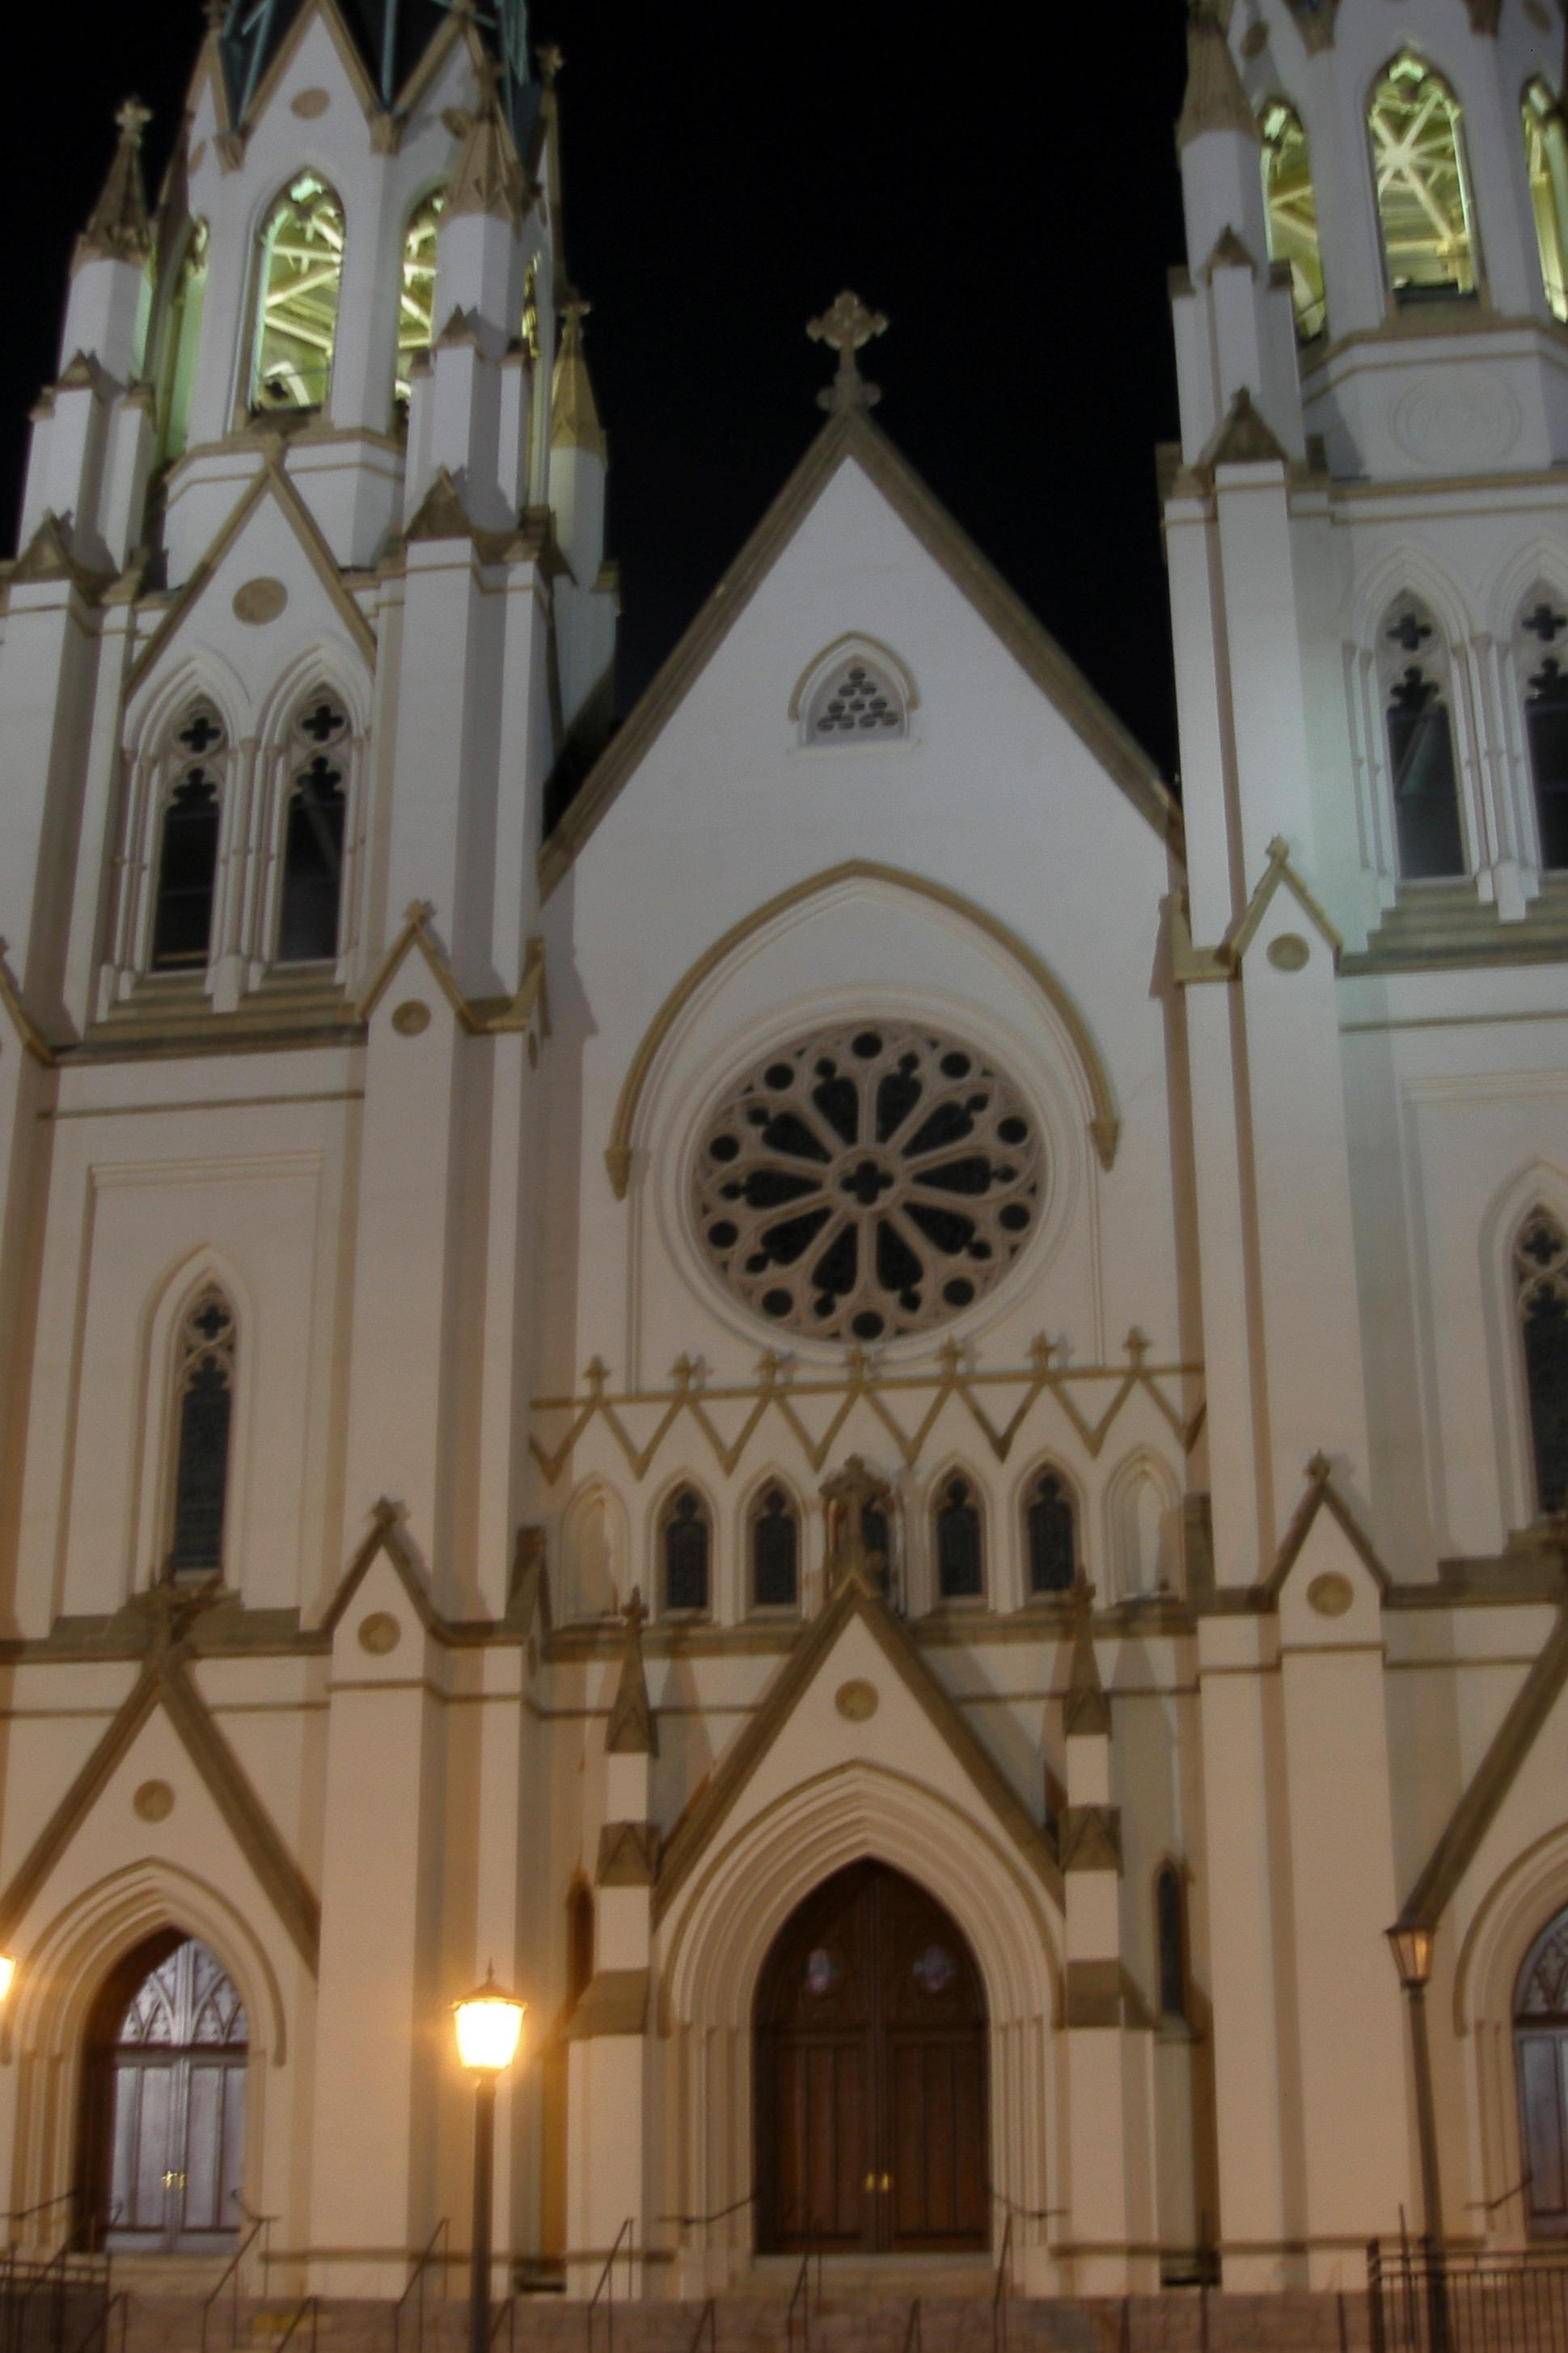 Cathedral of St. John the Baptist, Savannah, GA, 1876